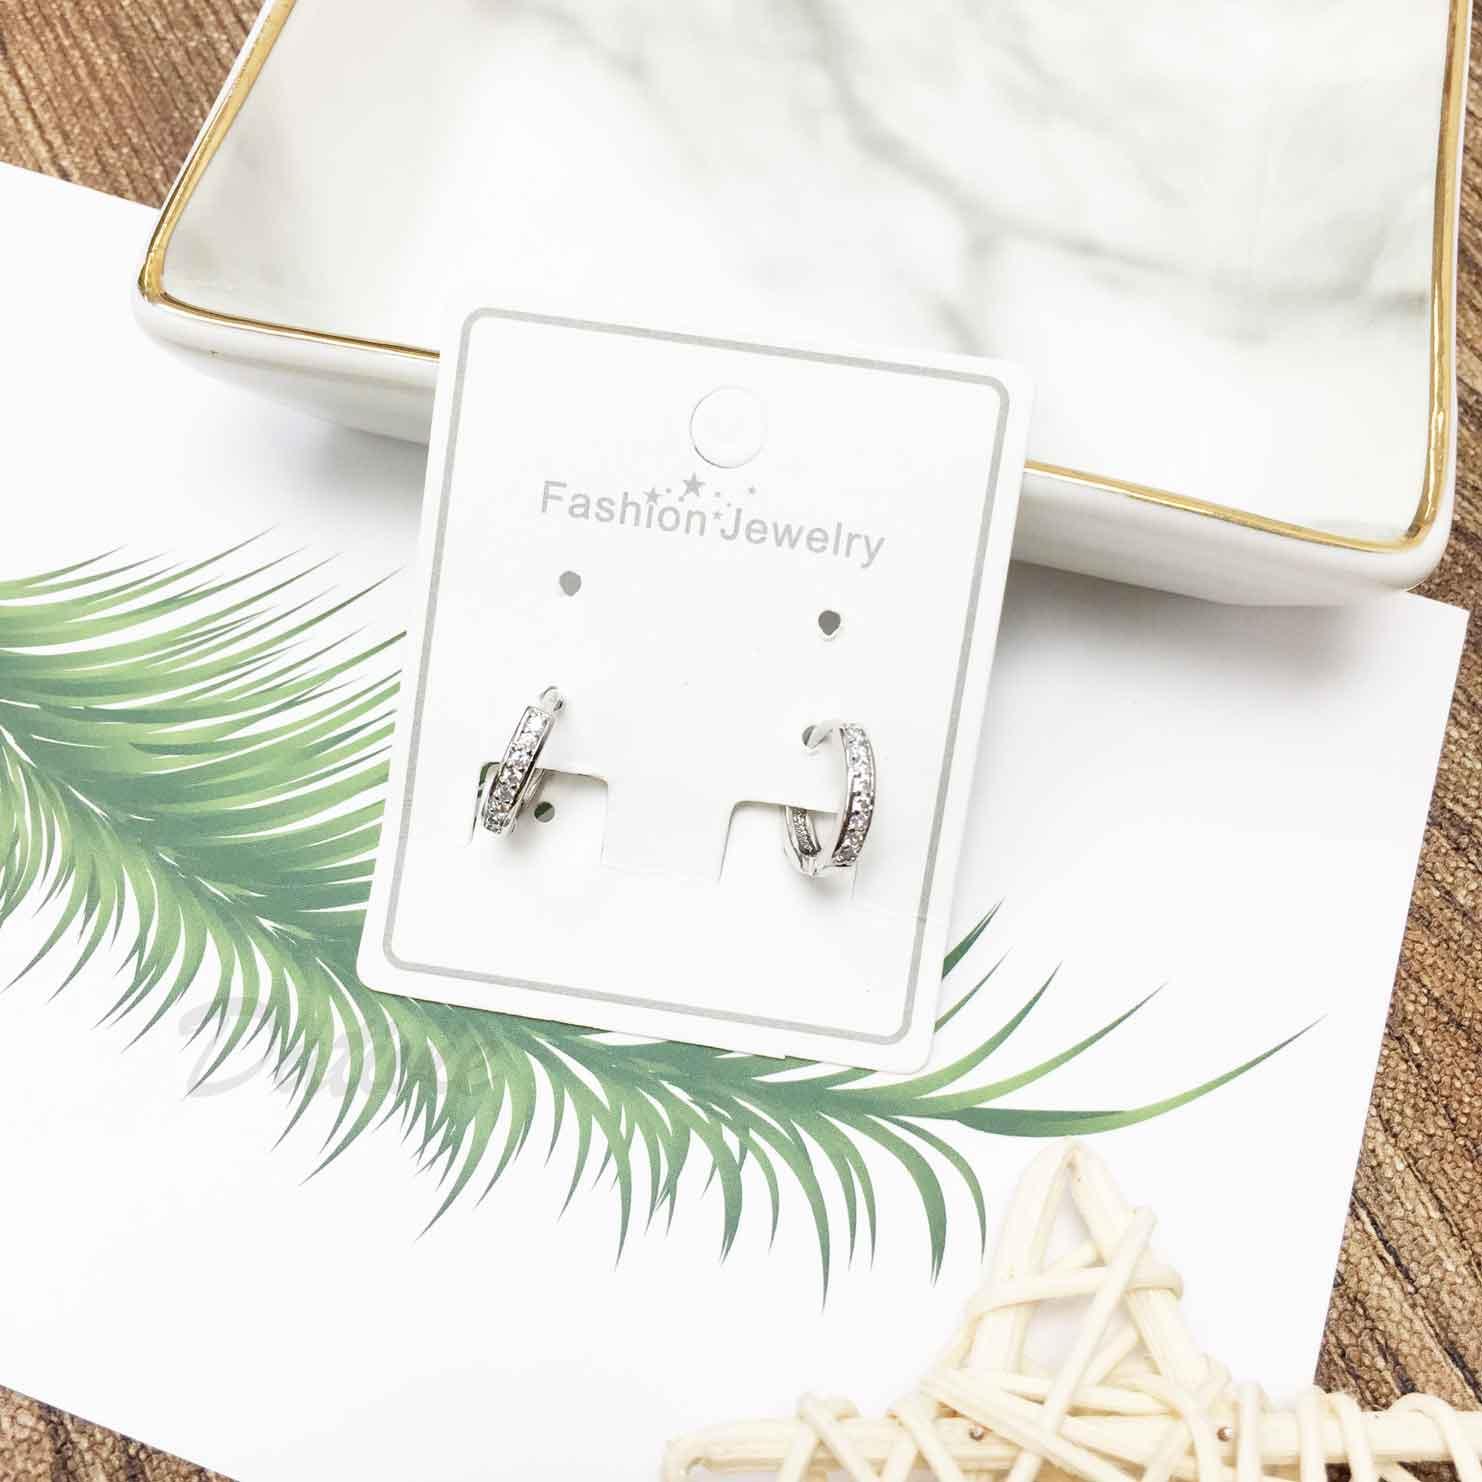 水鑽 刻紋 爪鑽 基本百搭款 耳針式耳環